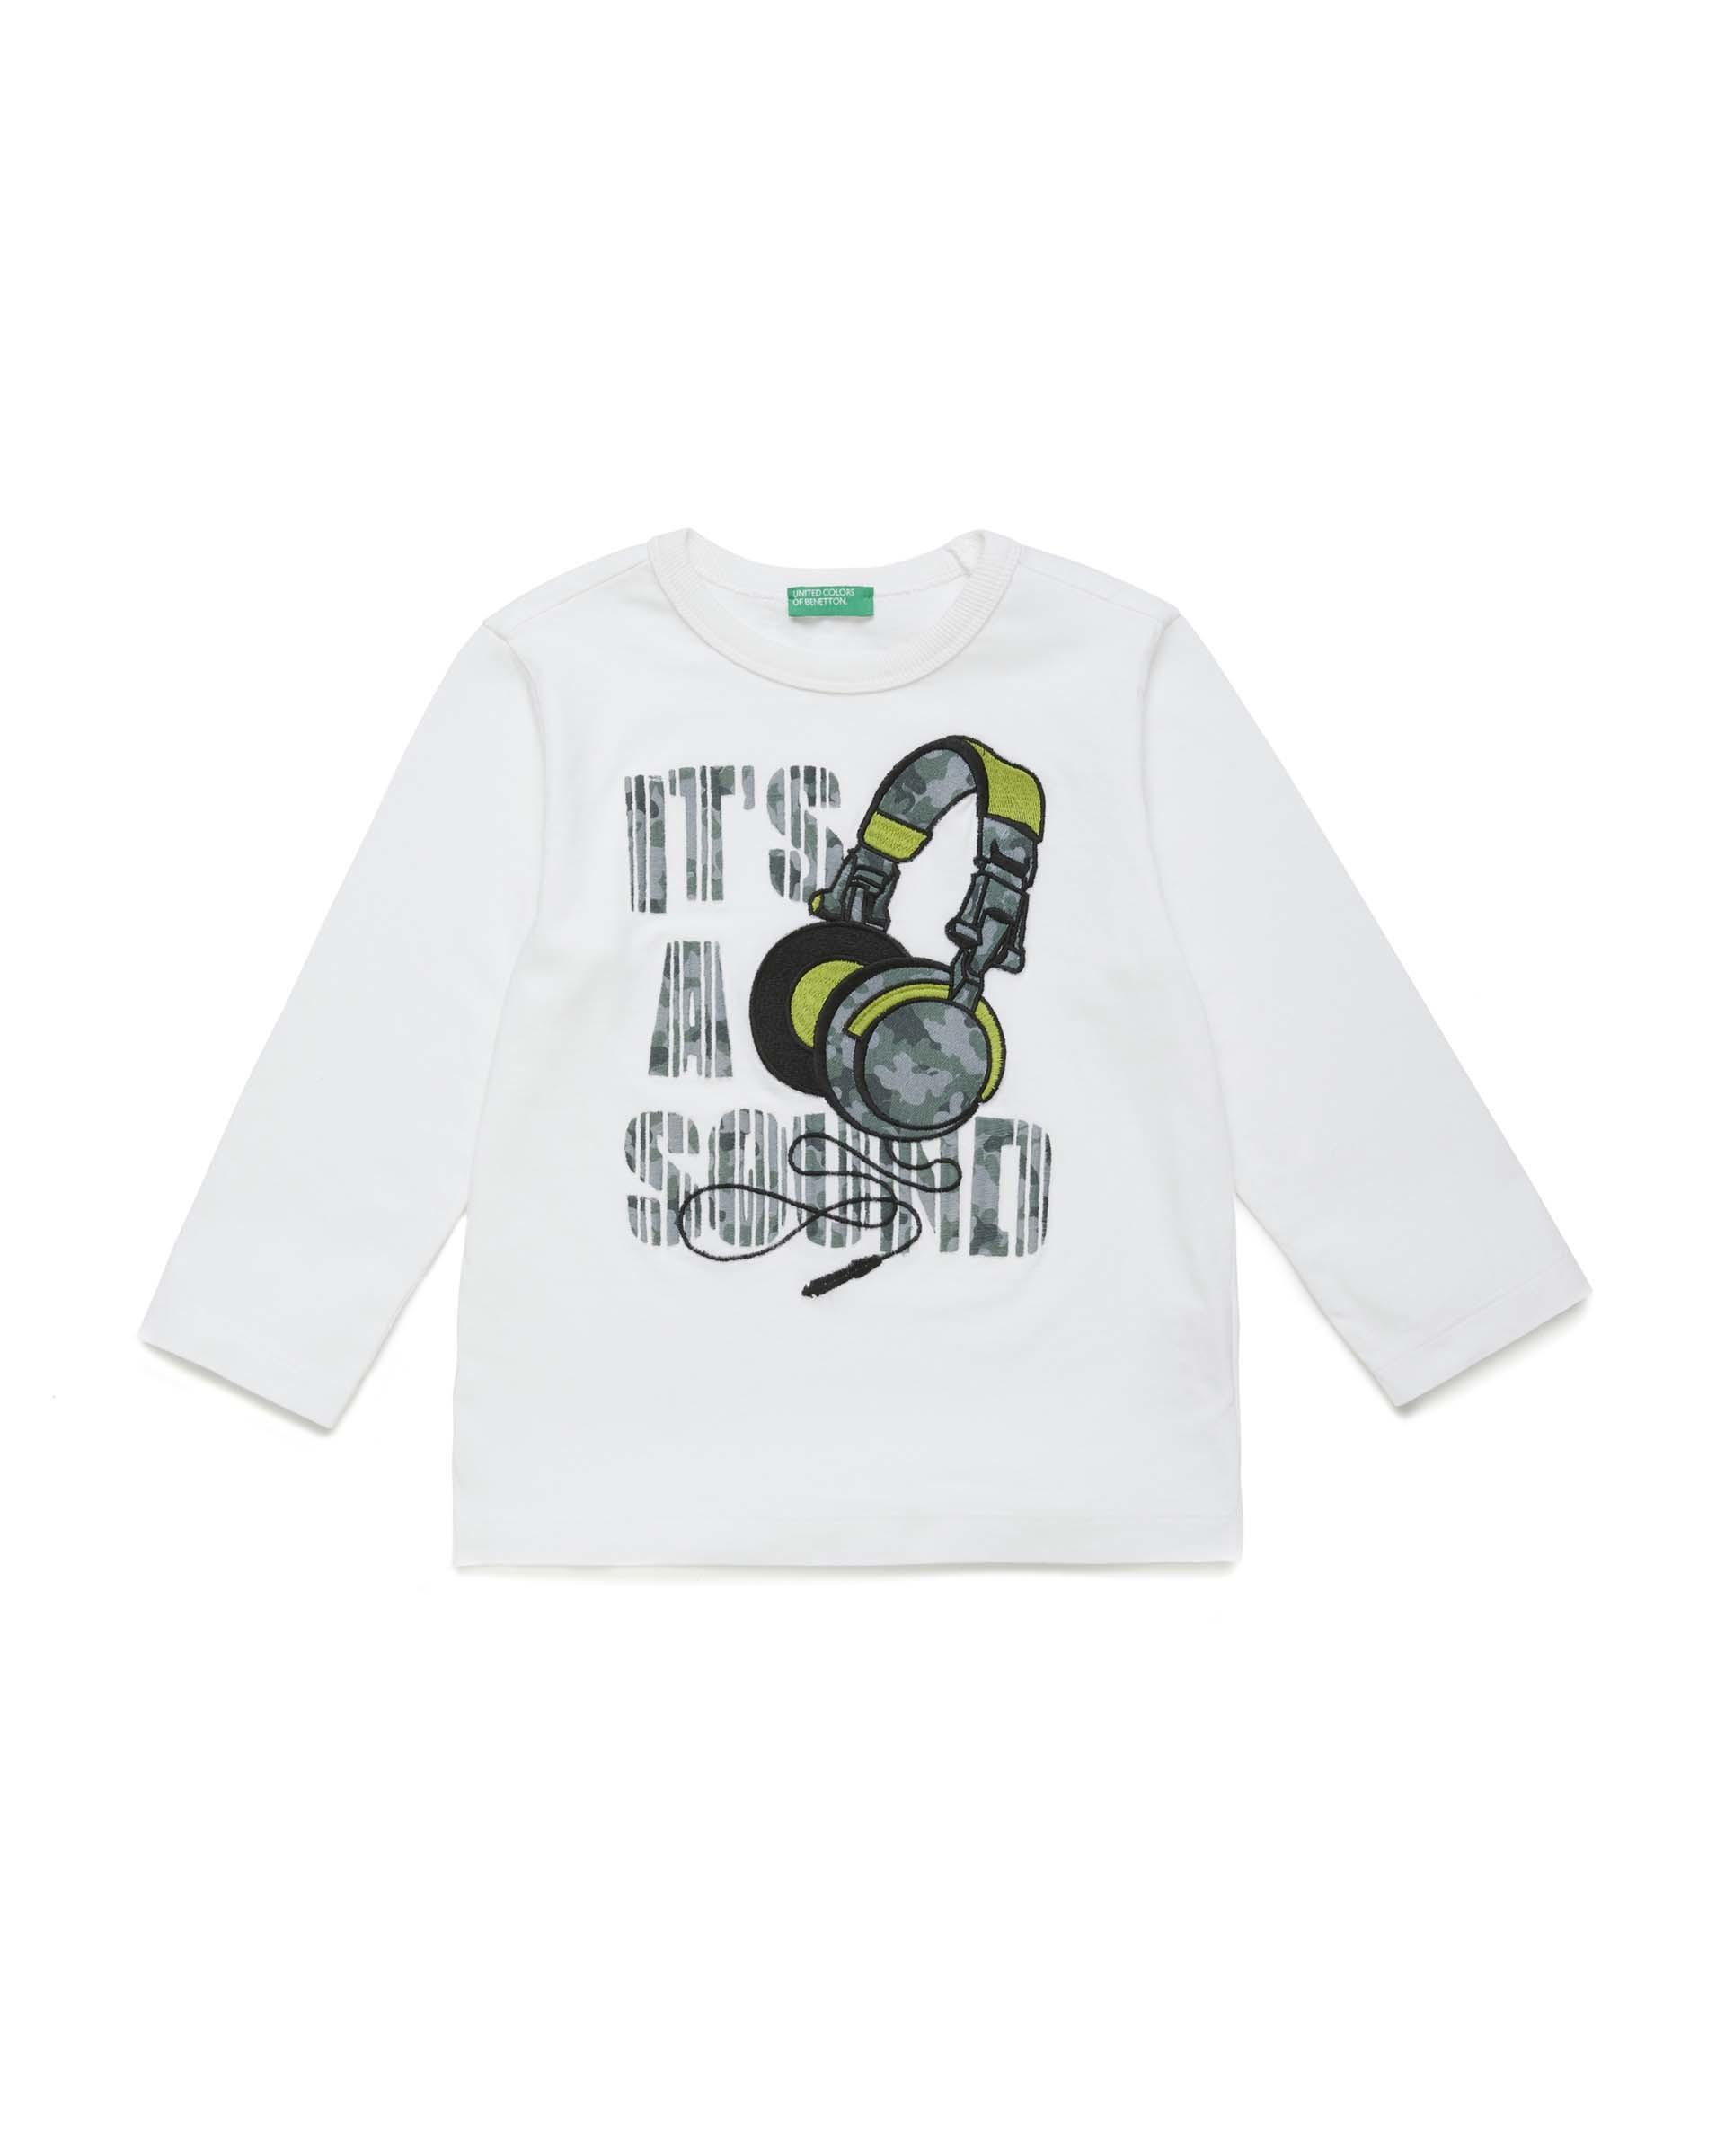 Купить 20P_3YR3C1AWP_101, Футболка для мальчиков Benetton 3YR3C1AWP_101 р-р 92, United Colors of Benetton, Кофточки, футболки для новорожденных